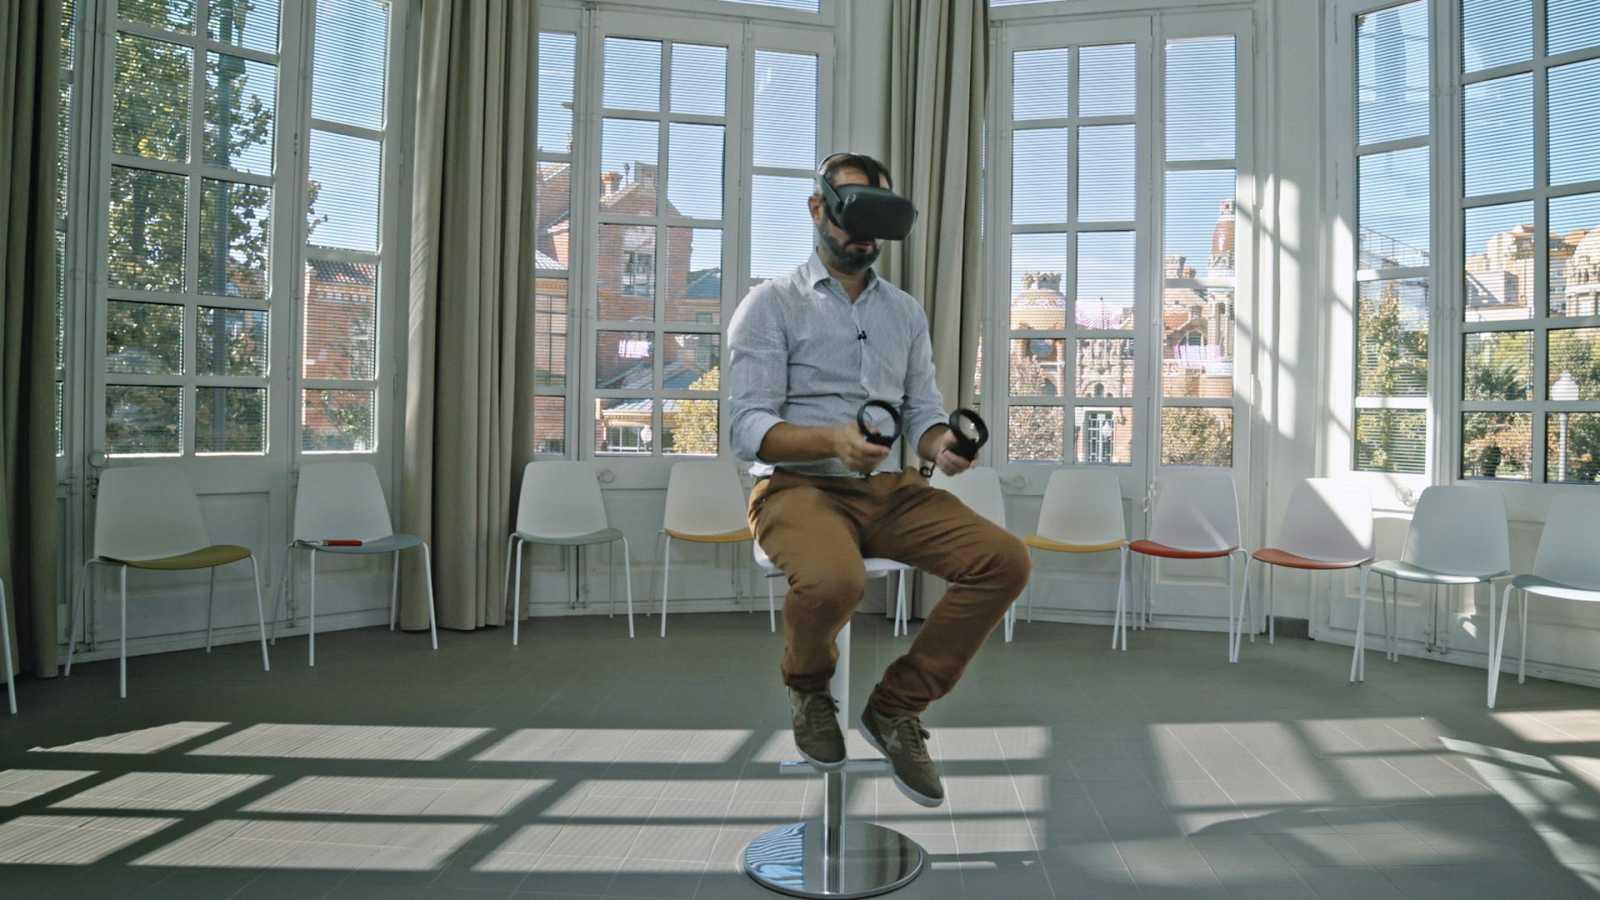 El cazador de cerebros - Humanos híbridos: La conquista del cerebro - ver ahora